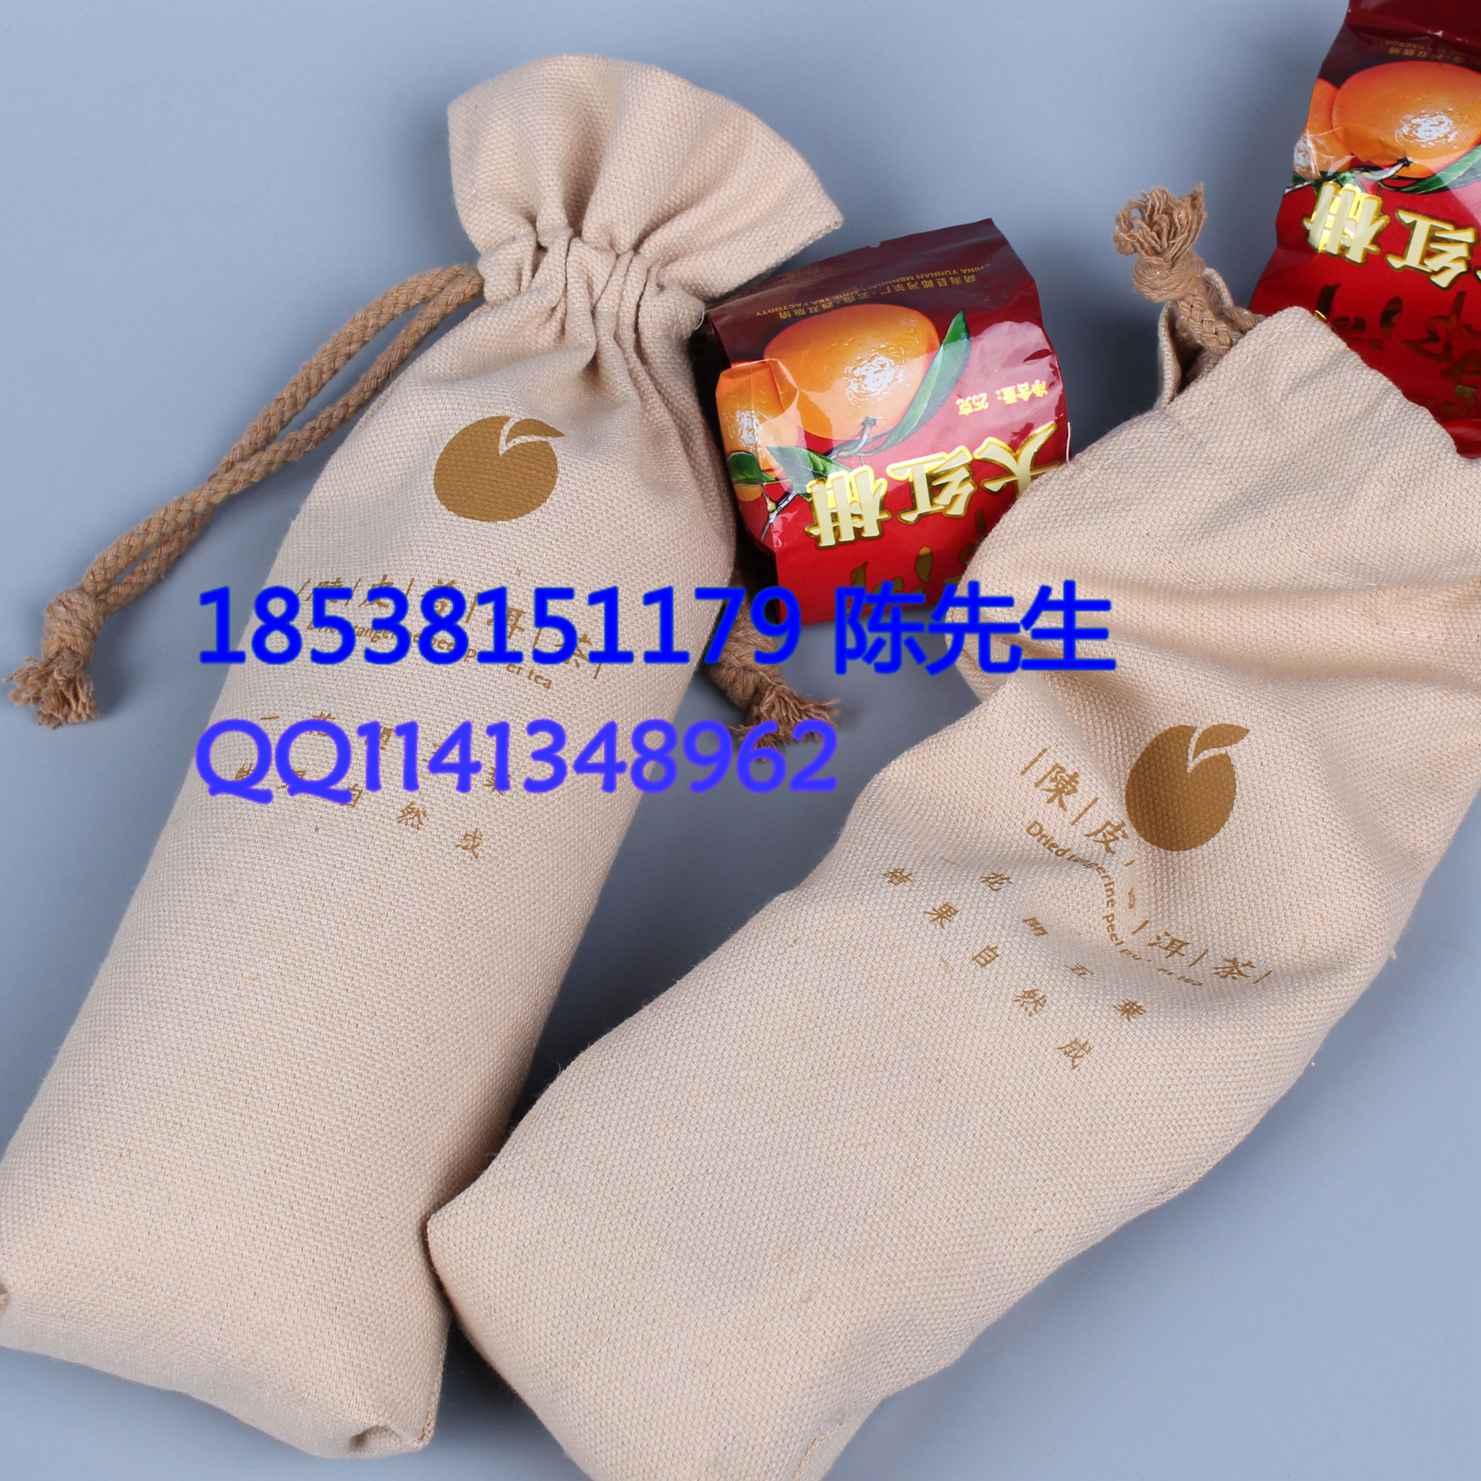 http://file03.sg560.com/upimg01/2017/06/923101/Title/2003186684498164923101.jpg